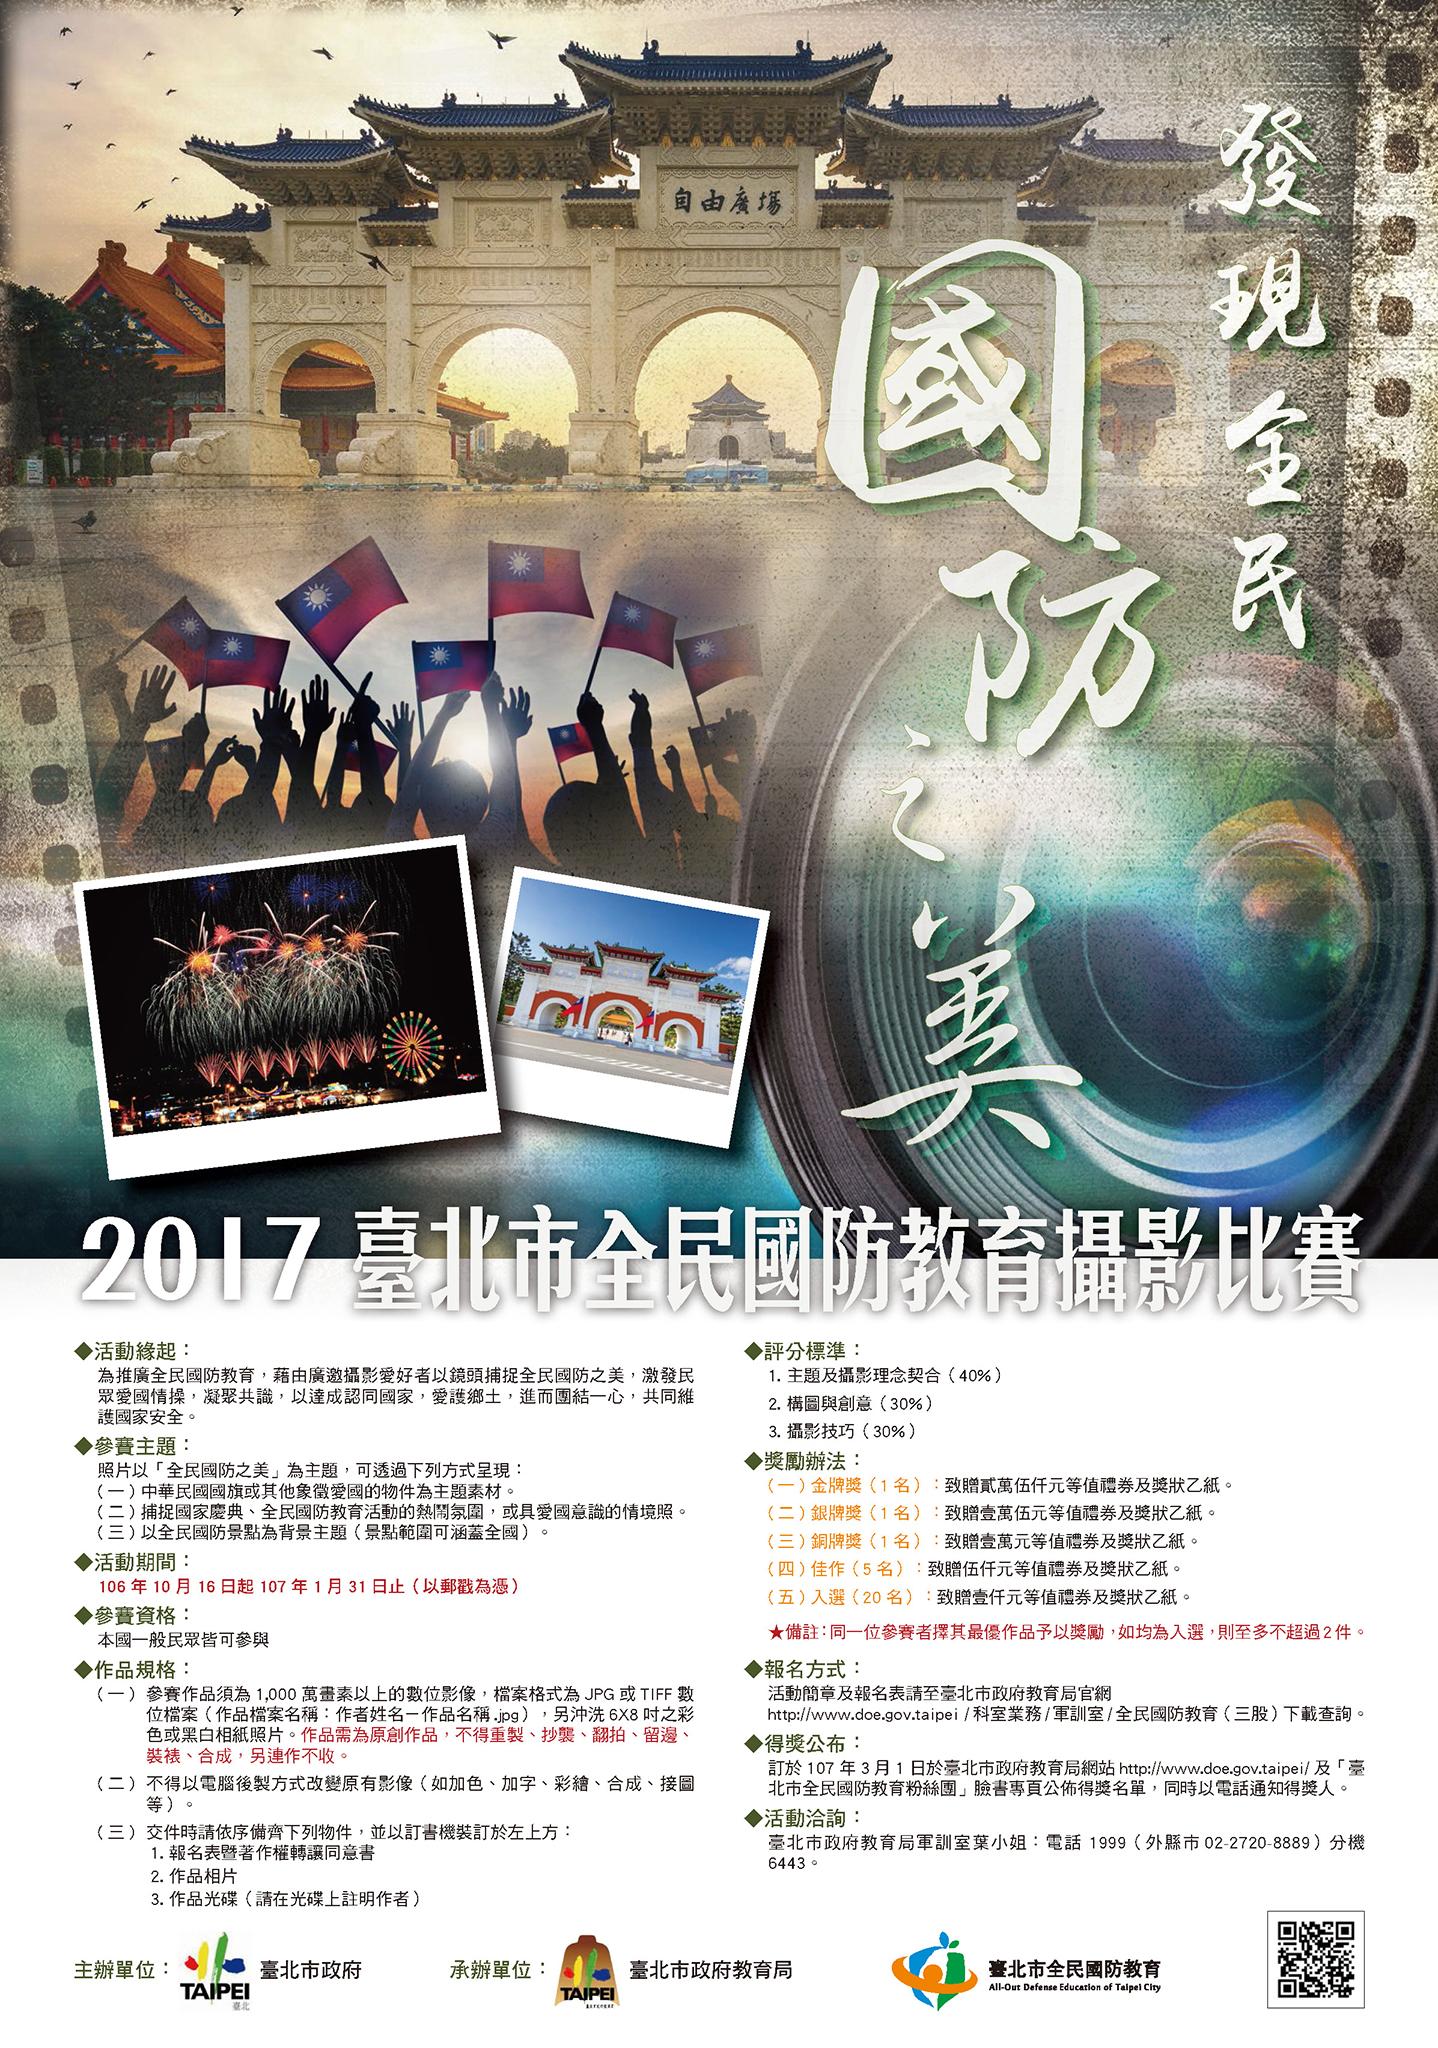 「發現全民國防之美」2017臺北市全民國防教育攝影比賽